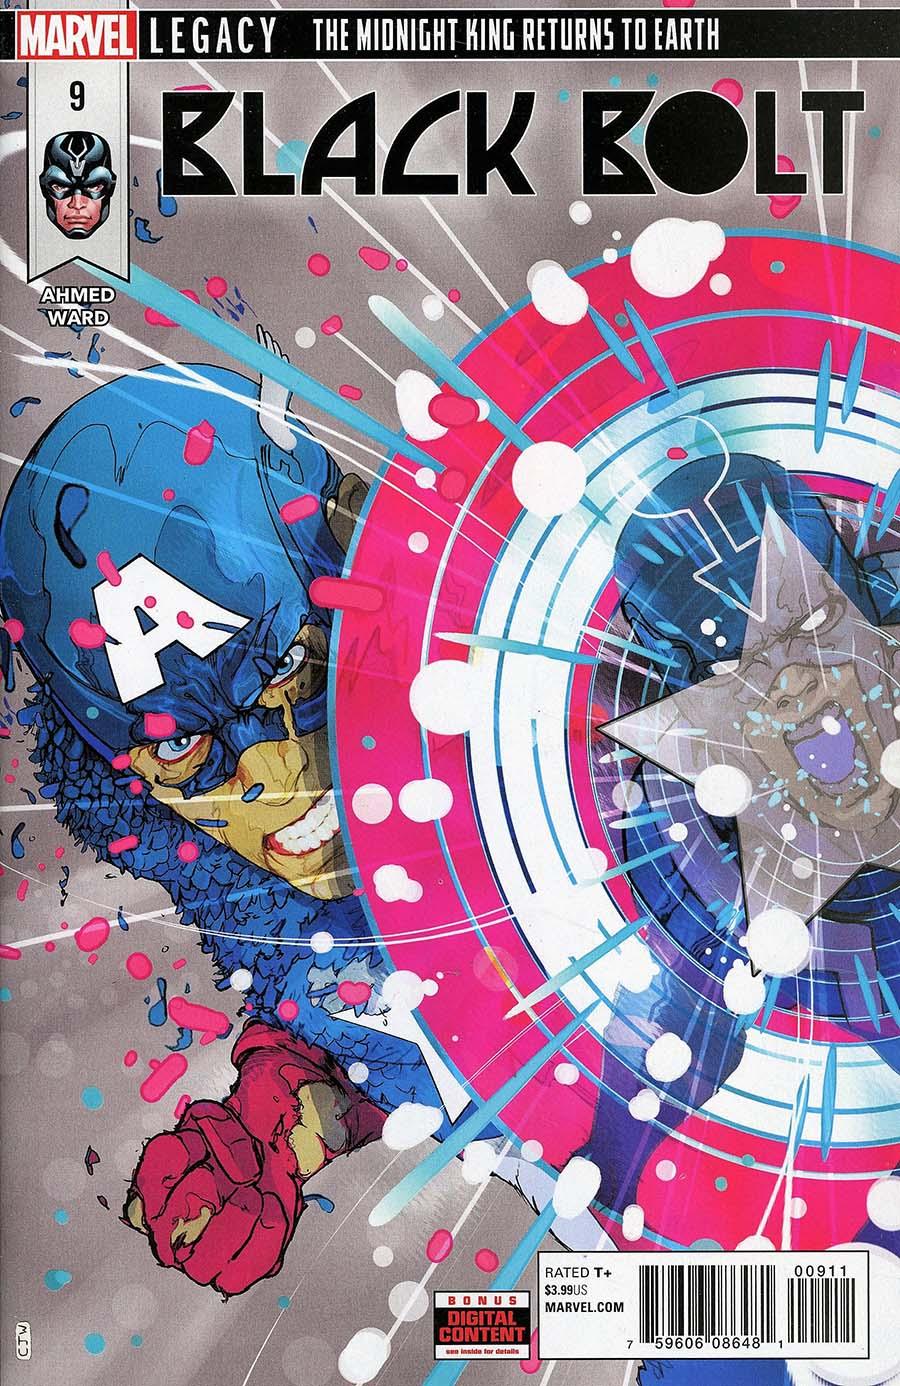 Black Bolt #9 (Marvel Legacy Tie-In)